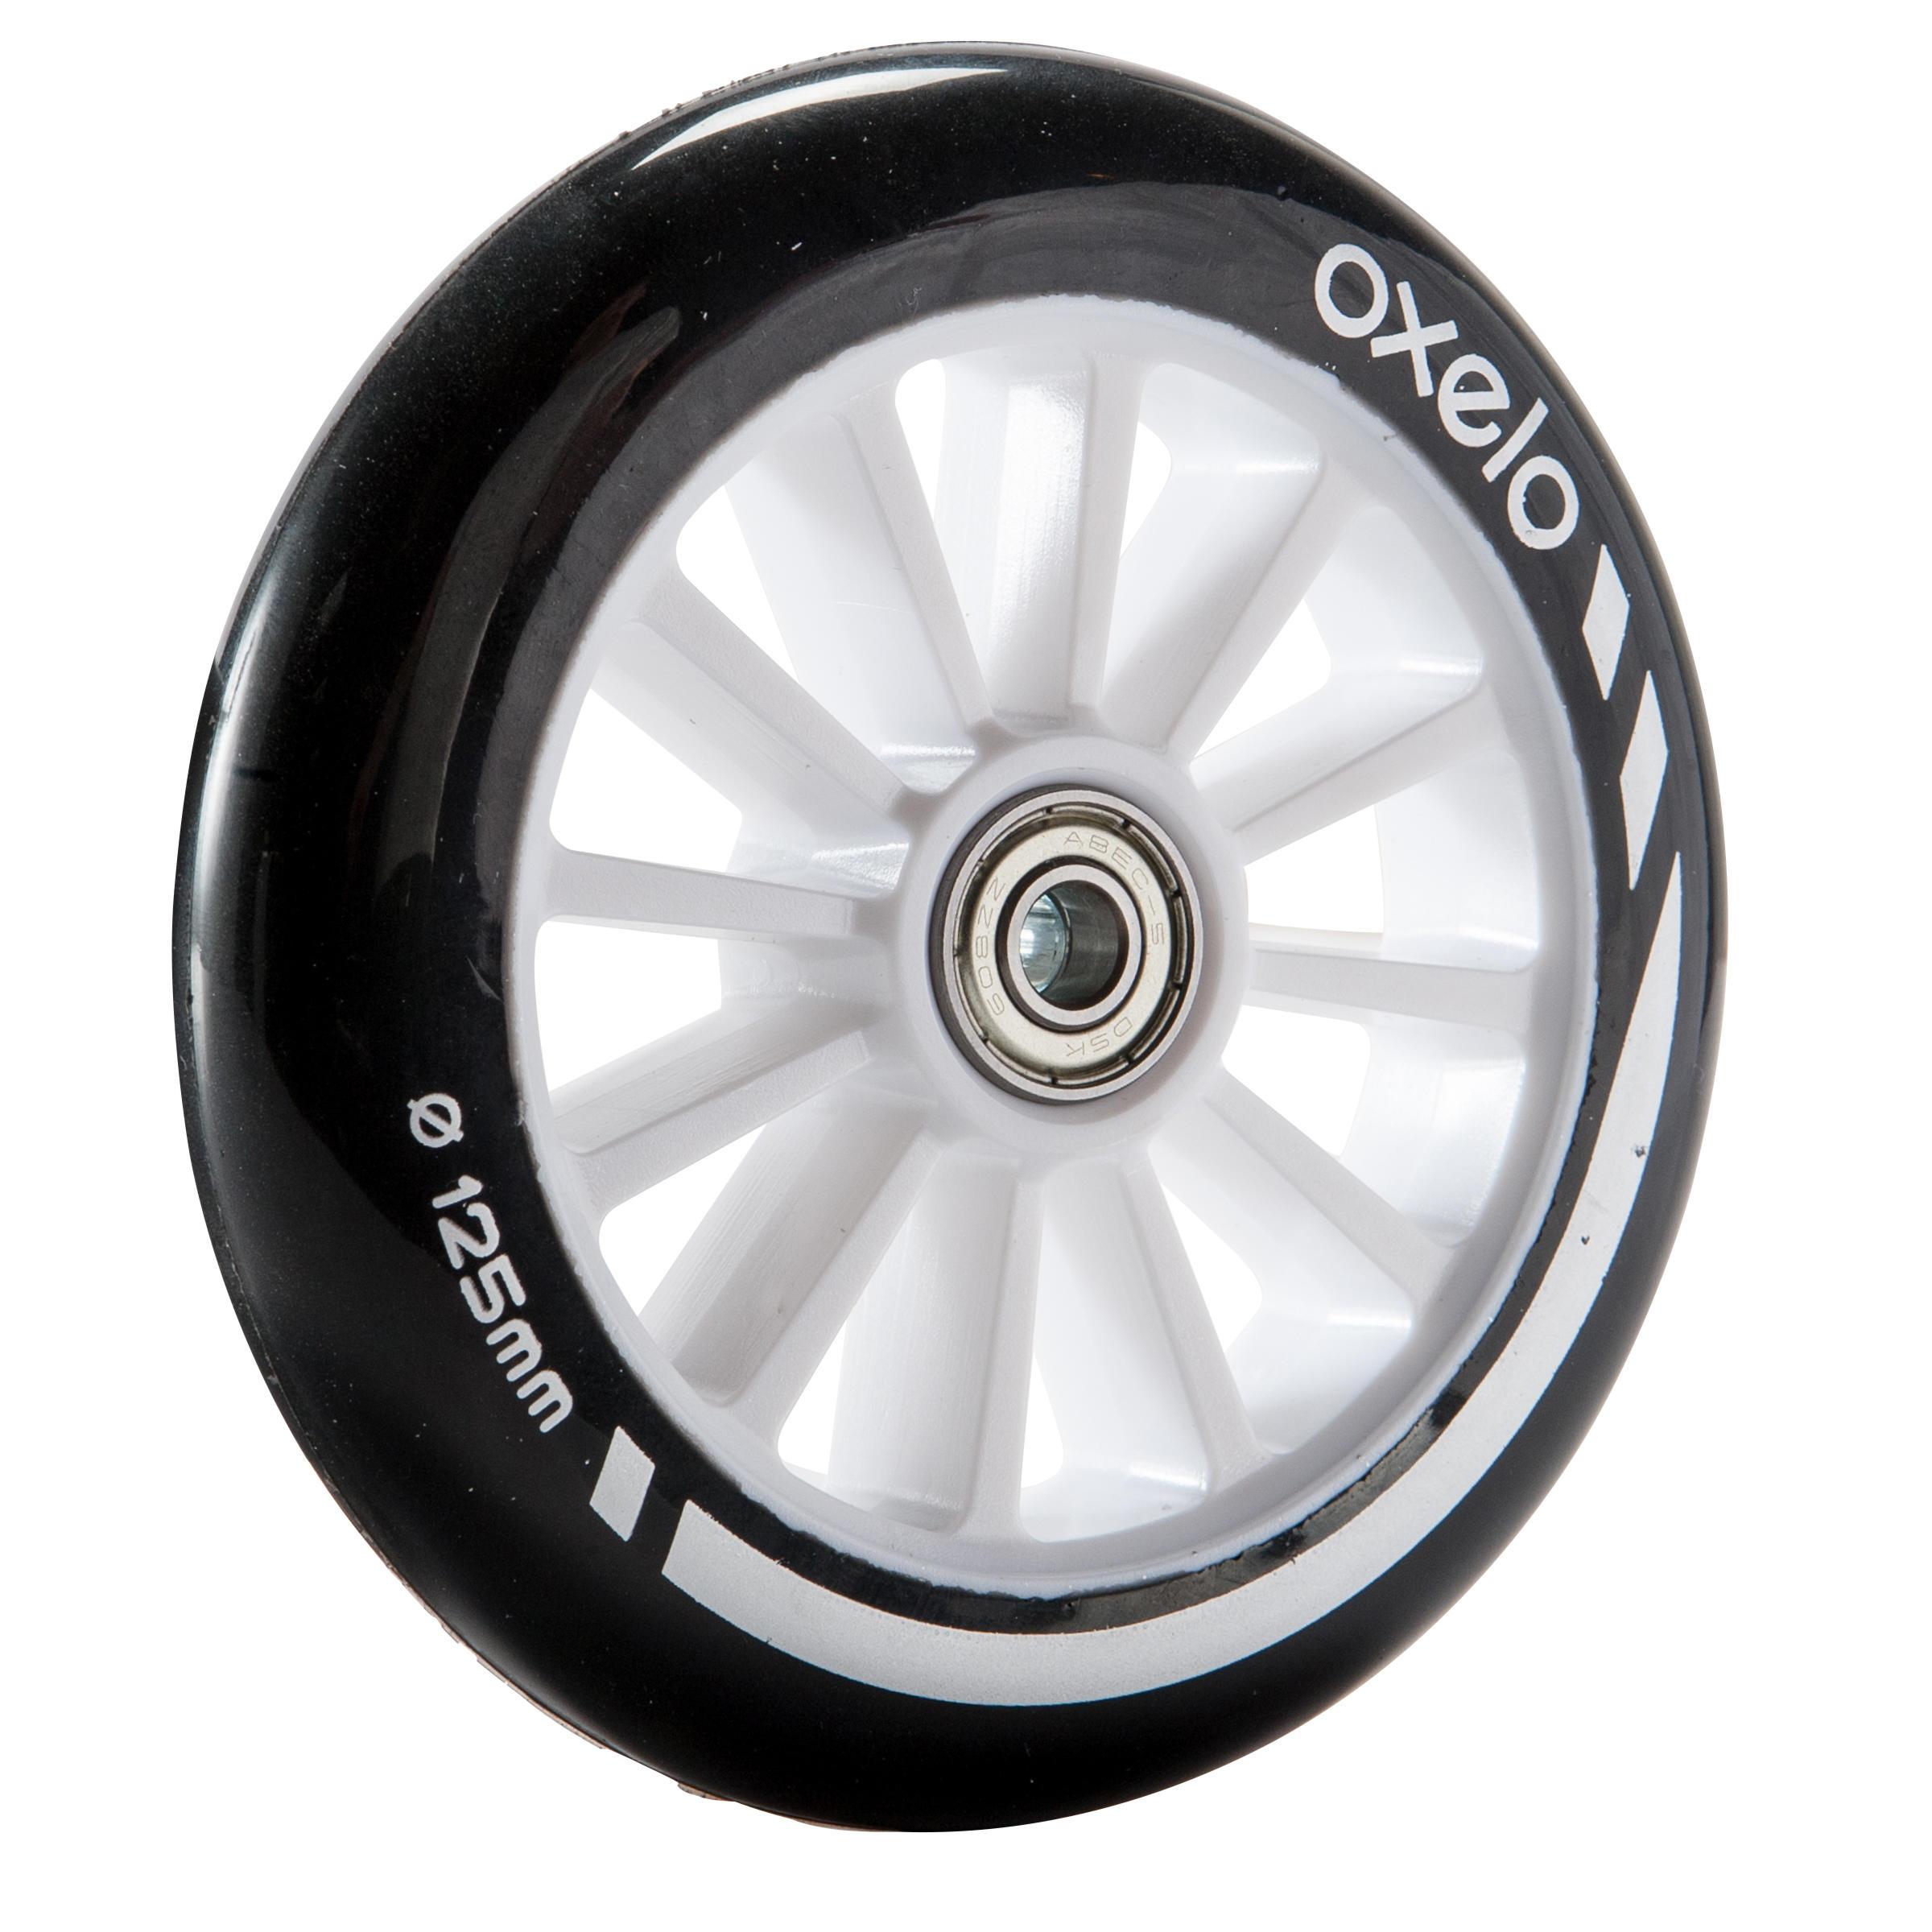 Oxelo 1 roue trottinette 125mm avec roulements noire - Oxelo